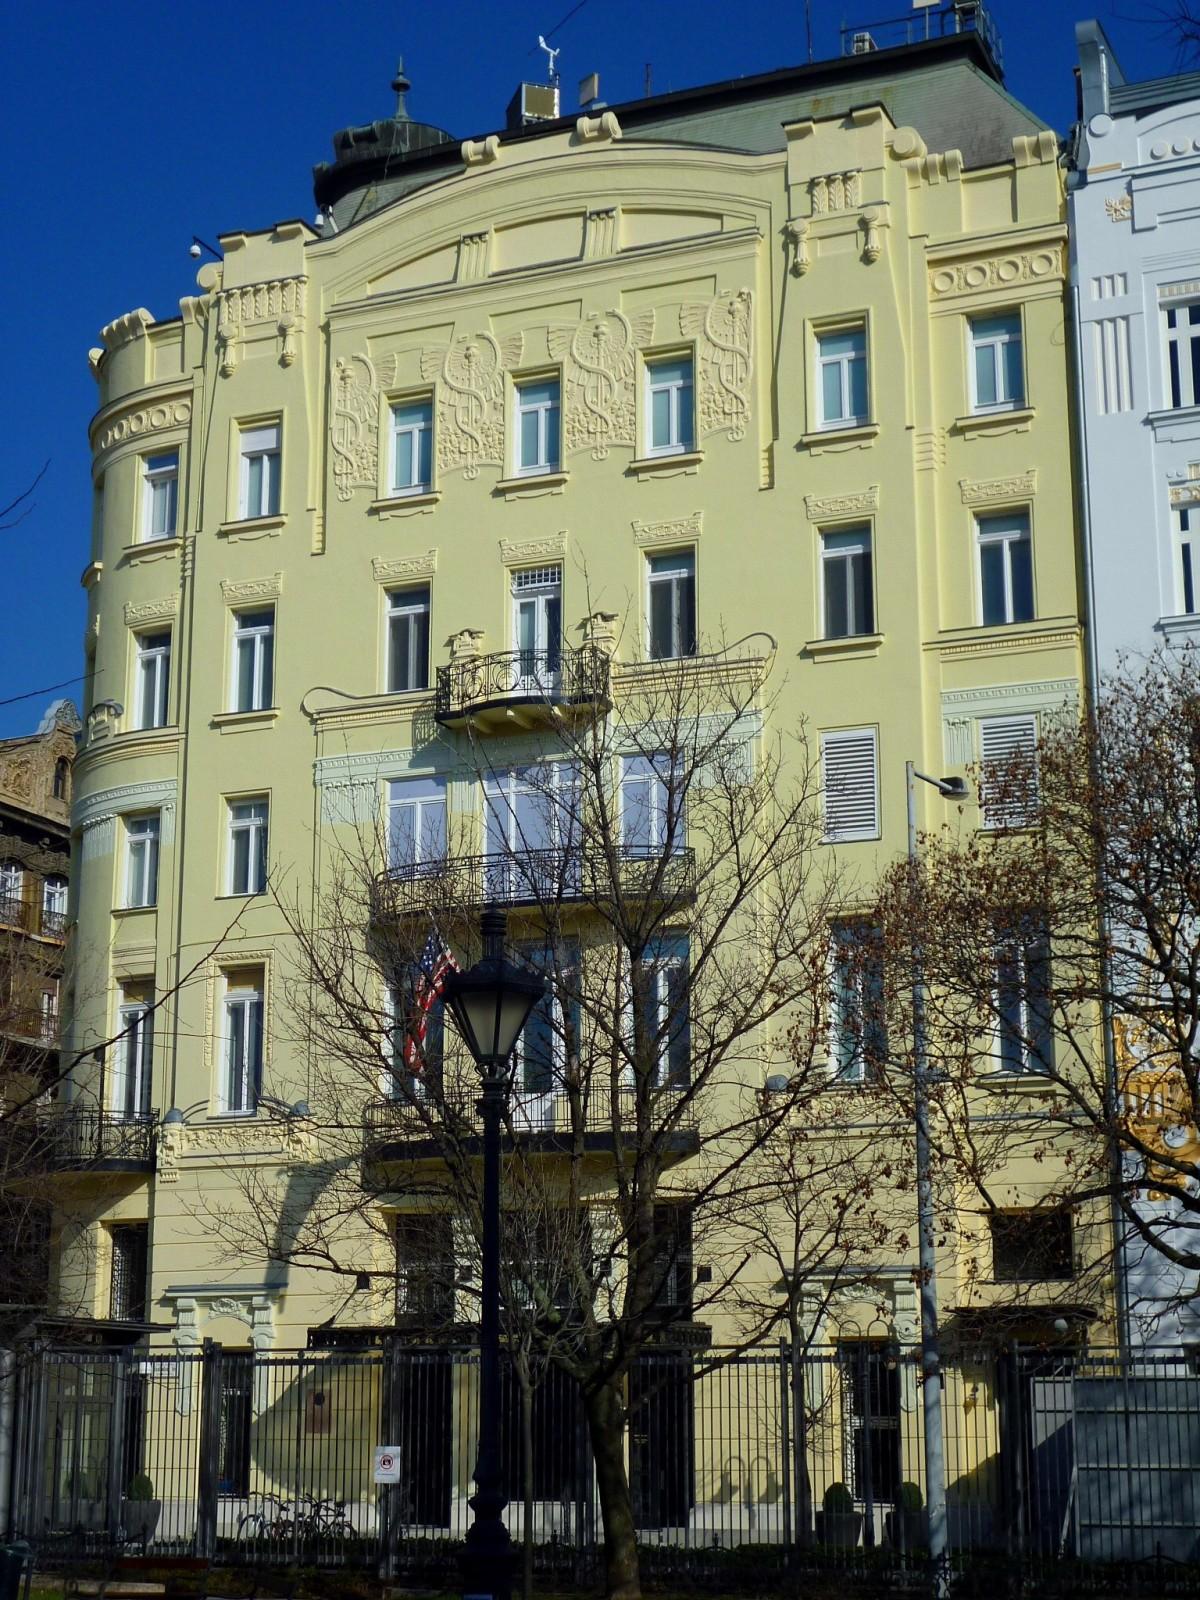 kostenlose foto boden karte erdkunde budapest ungarn wohngebiet 5184x3456 1265223. Black Bedroom Furniture Sets. Home Design Ideas